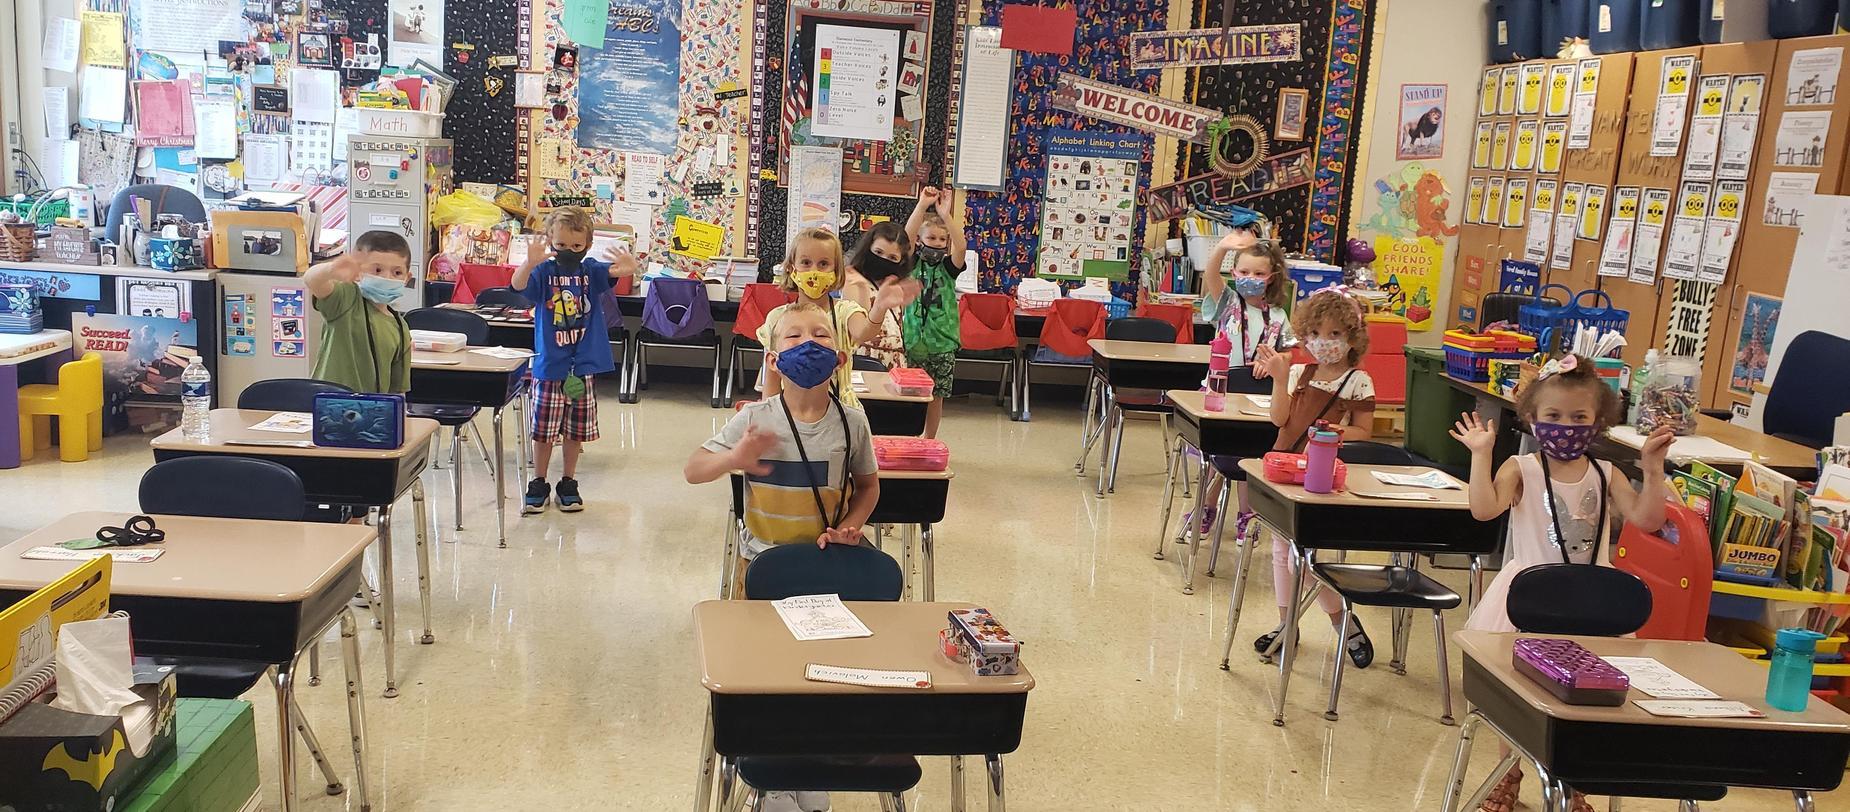 kindergarten students waving